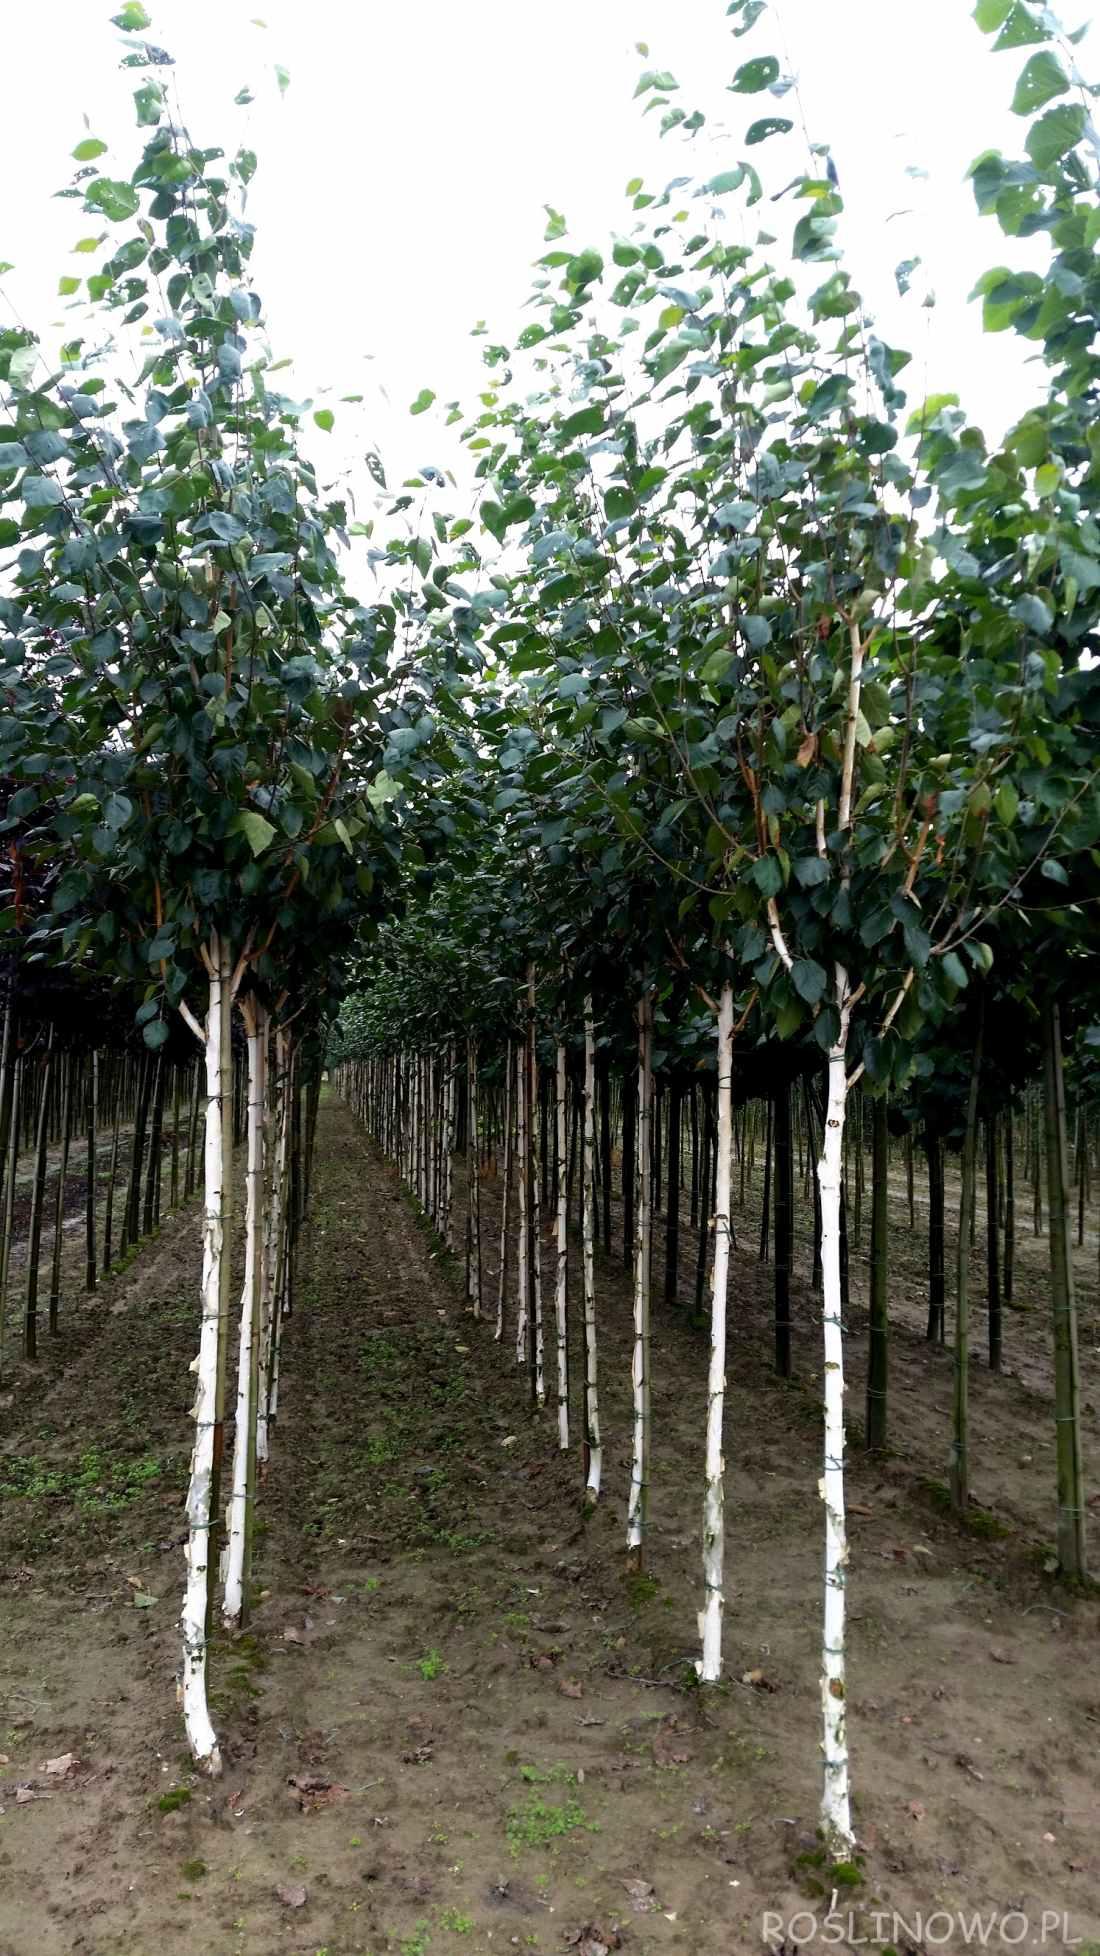 Brzoza pożyteczna 'Doorenbos' sadzonki w szkółce drzew